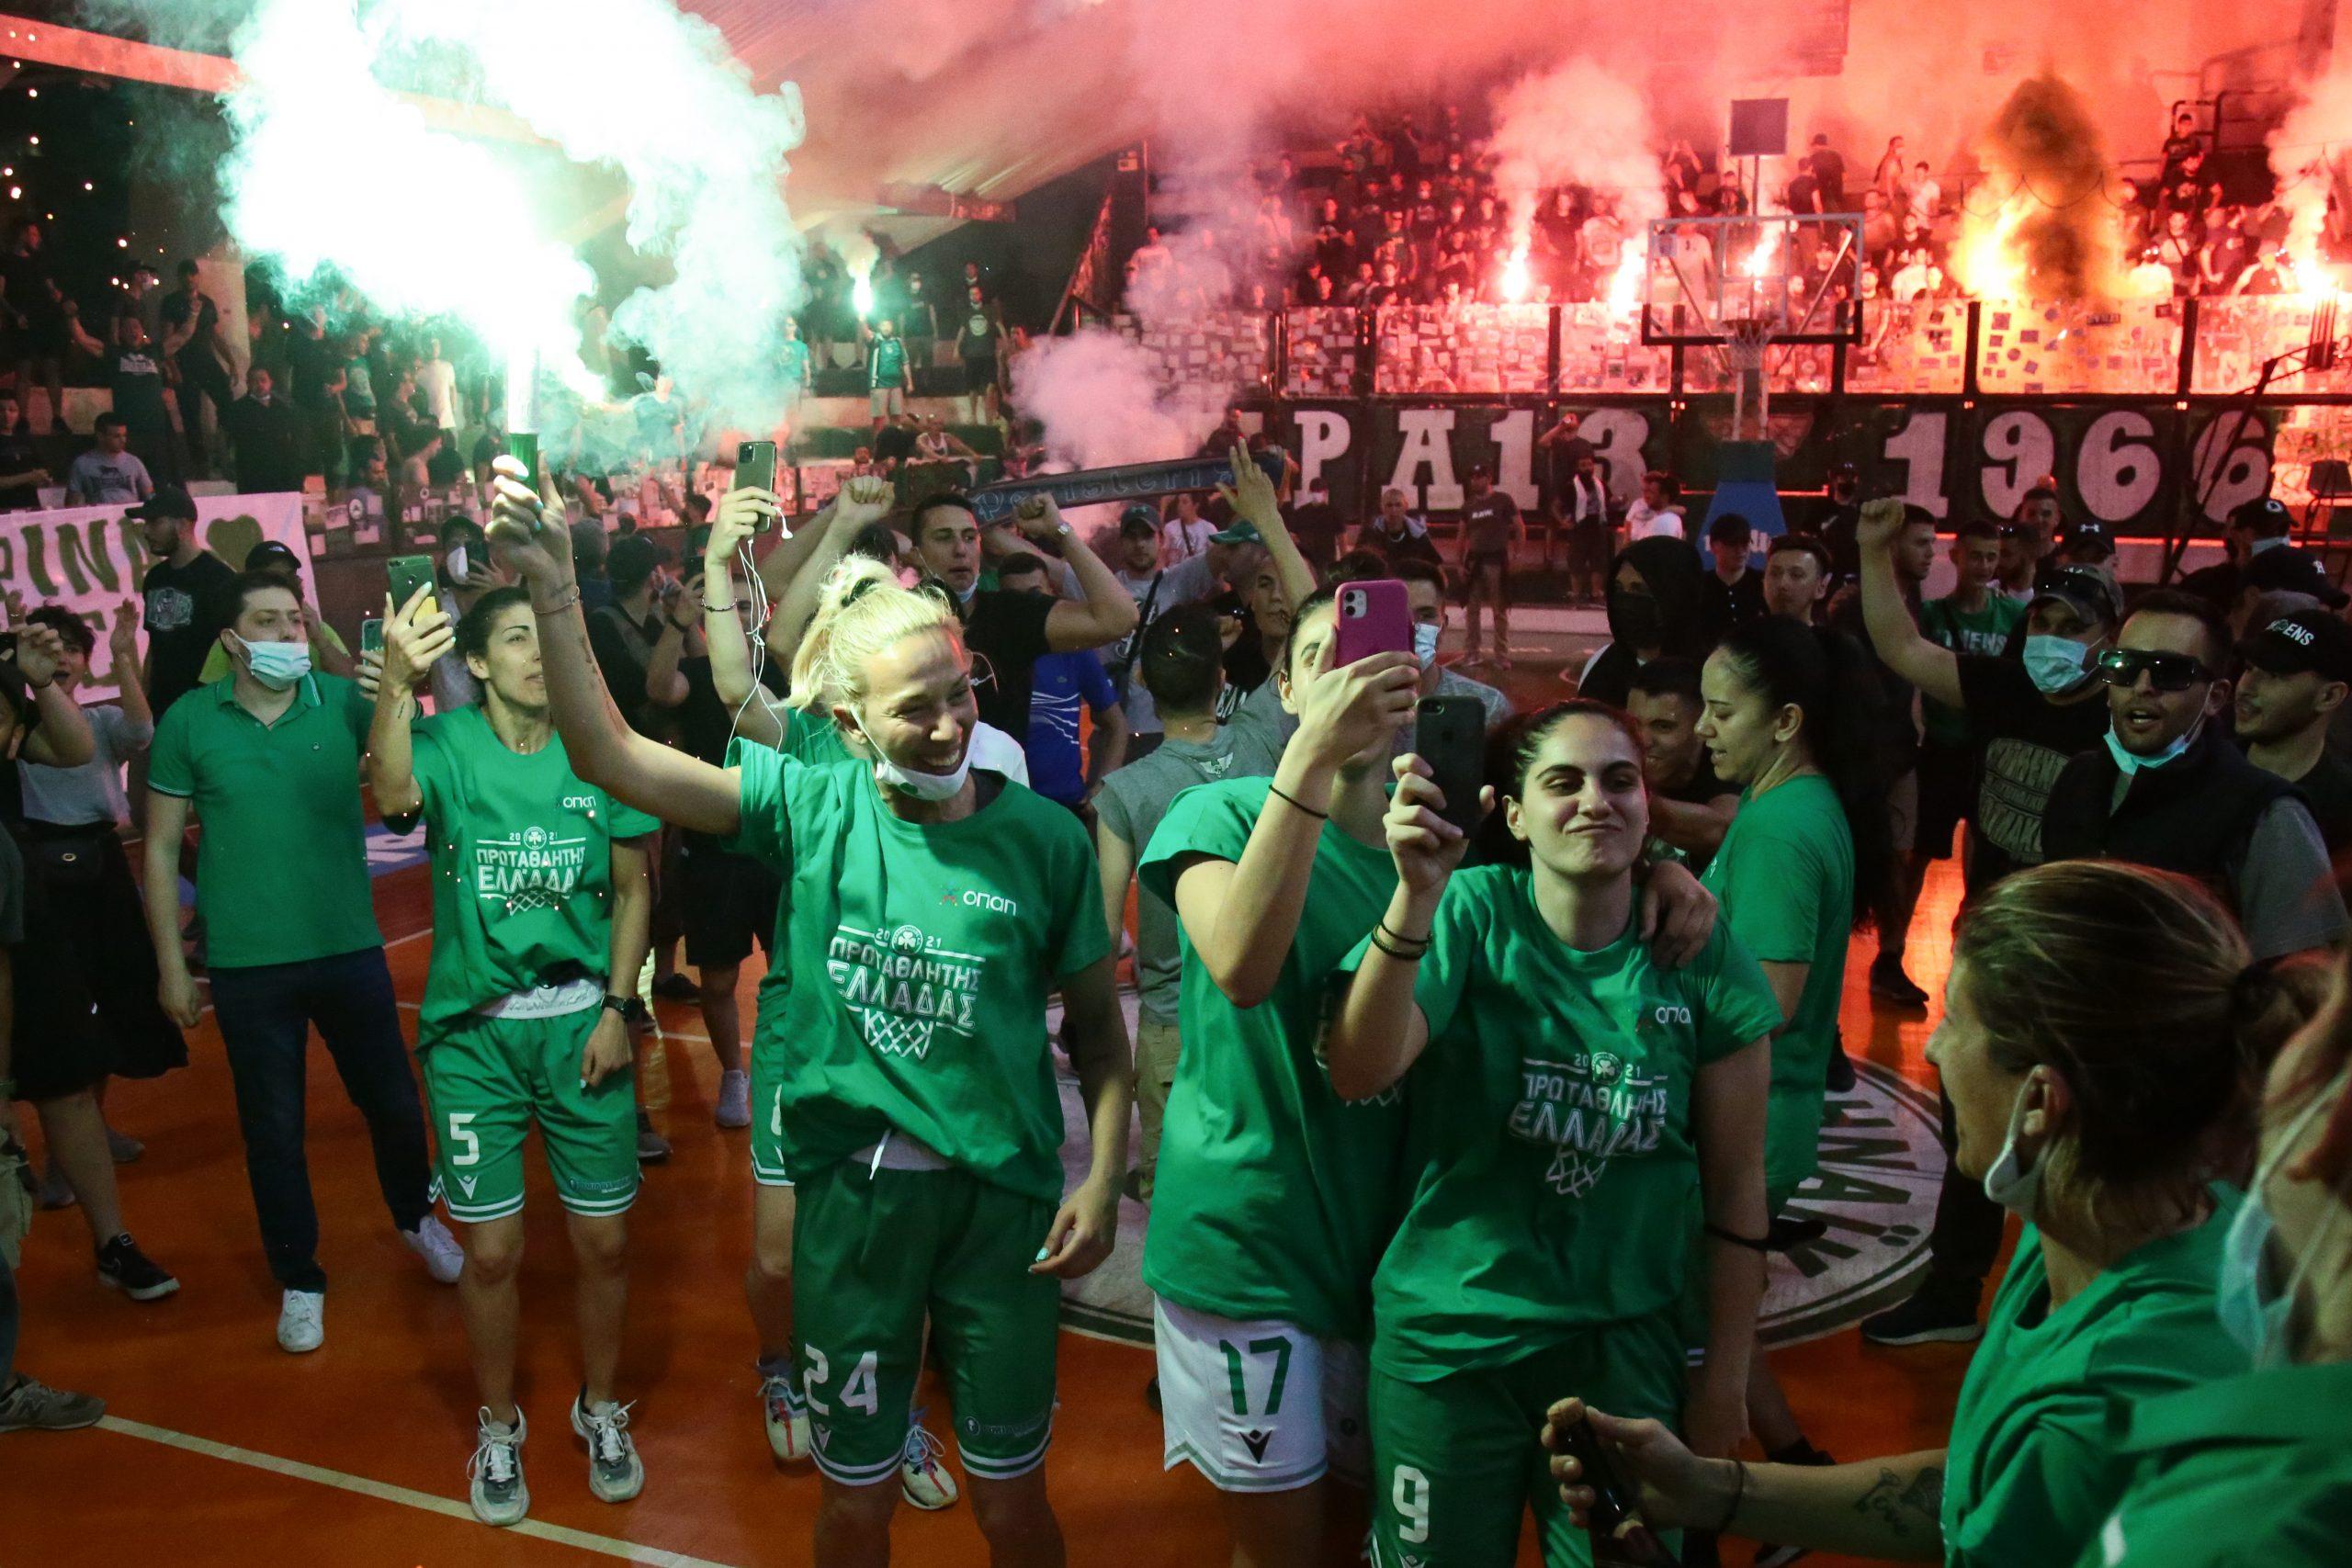 Παναθηναϊκός: Τον Σεπτέμβριο η απονομή του πρωταθλήματος | panathinaikos24.gr